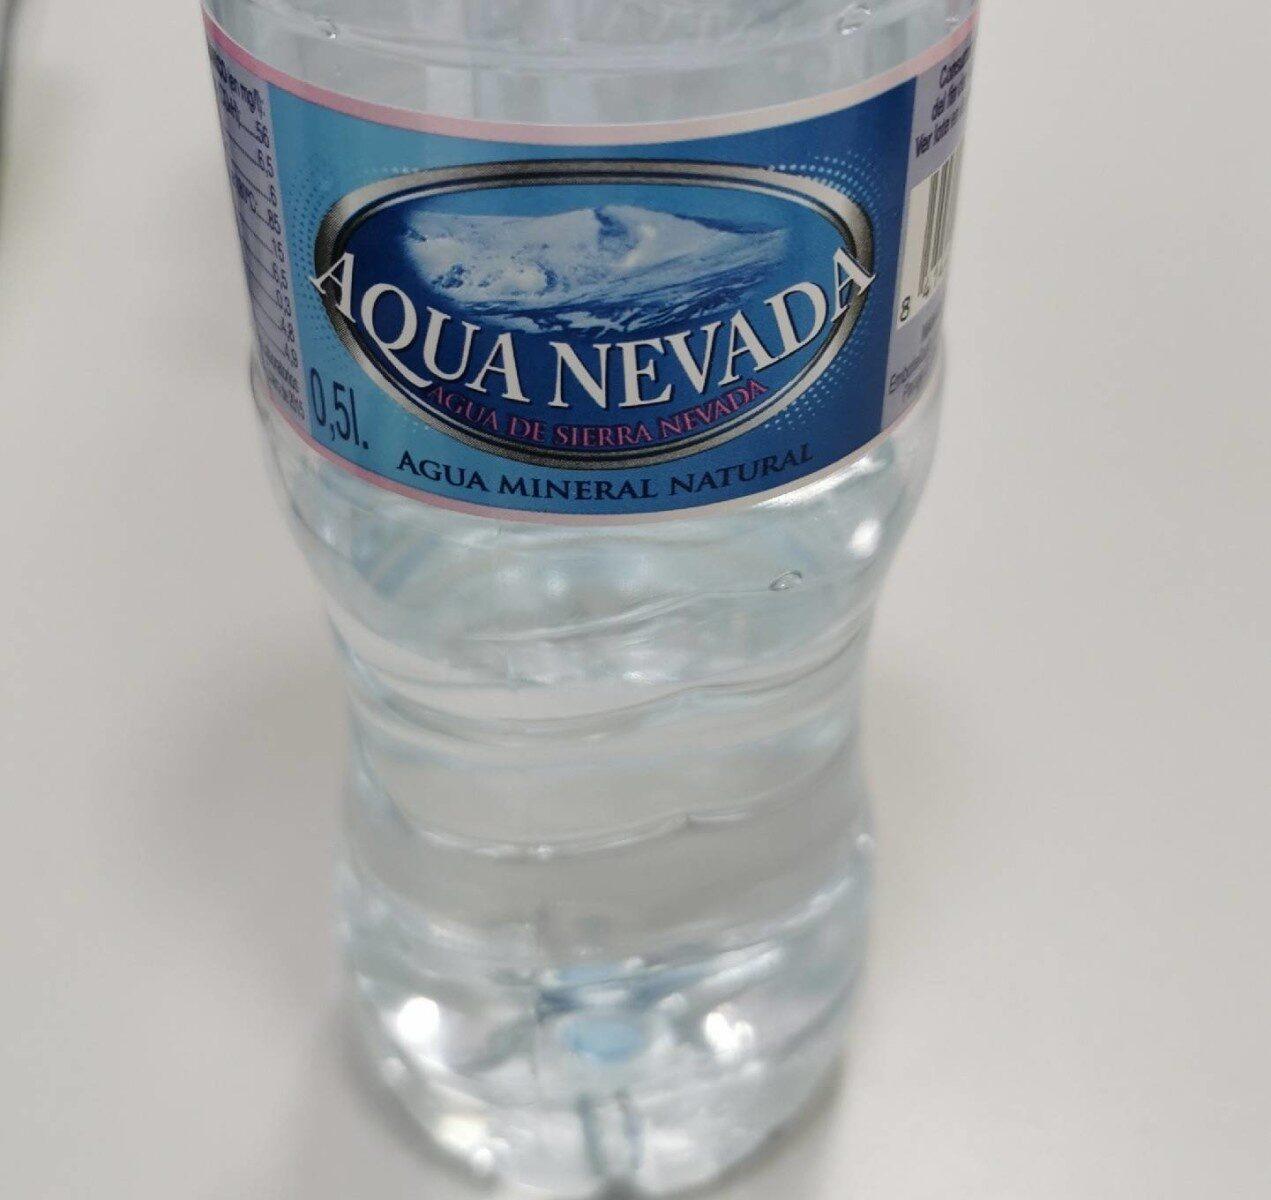 Agua - Product